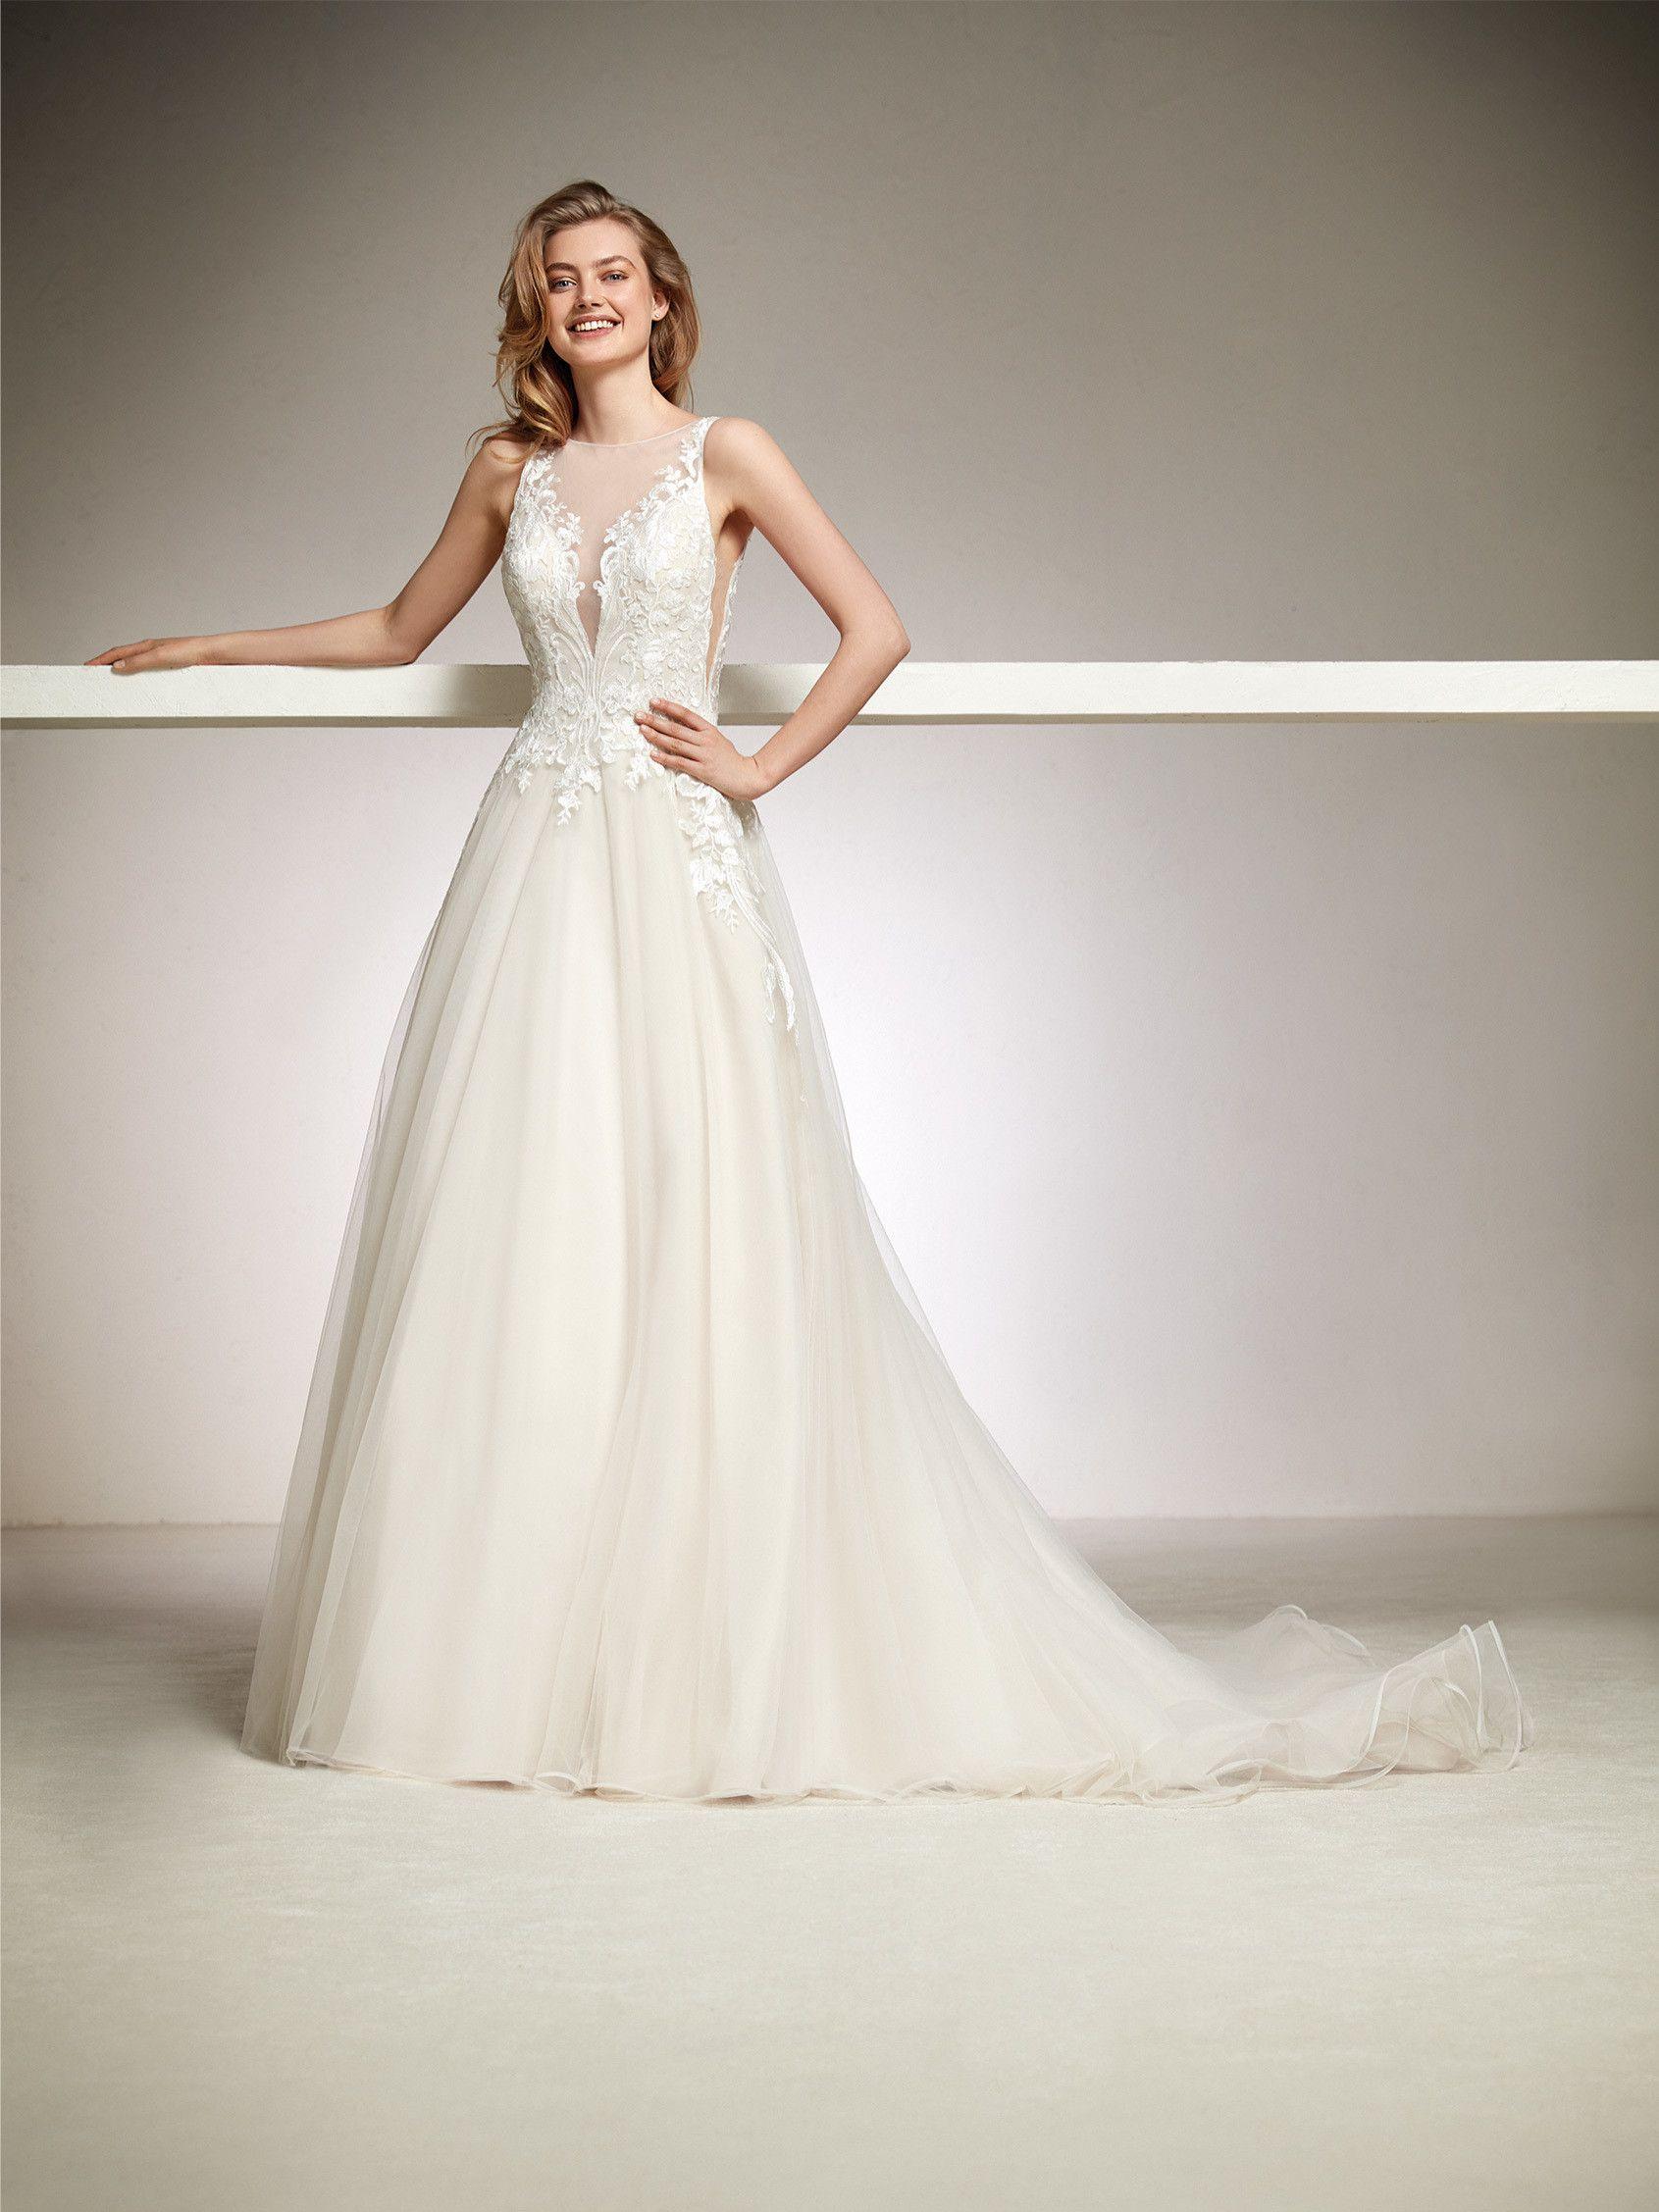 Fantastisch Voller Rock Brautkleid Zeitgenössisch - Hochzeit Kleid ...